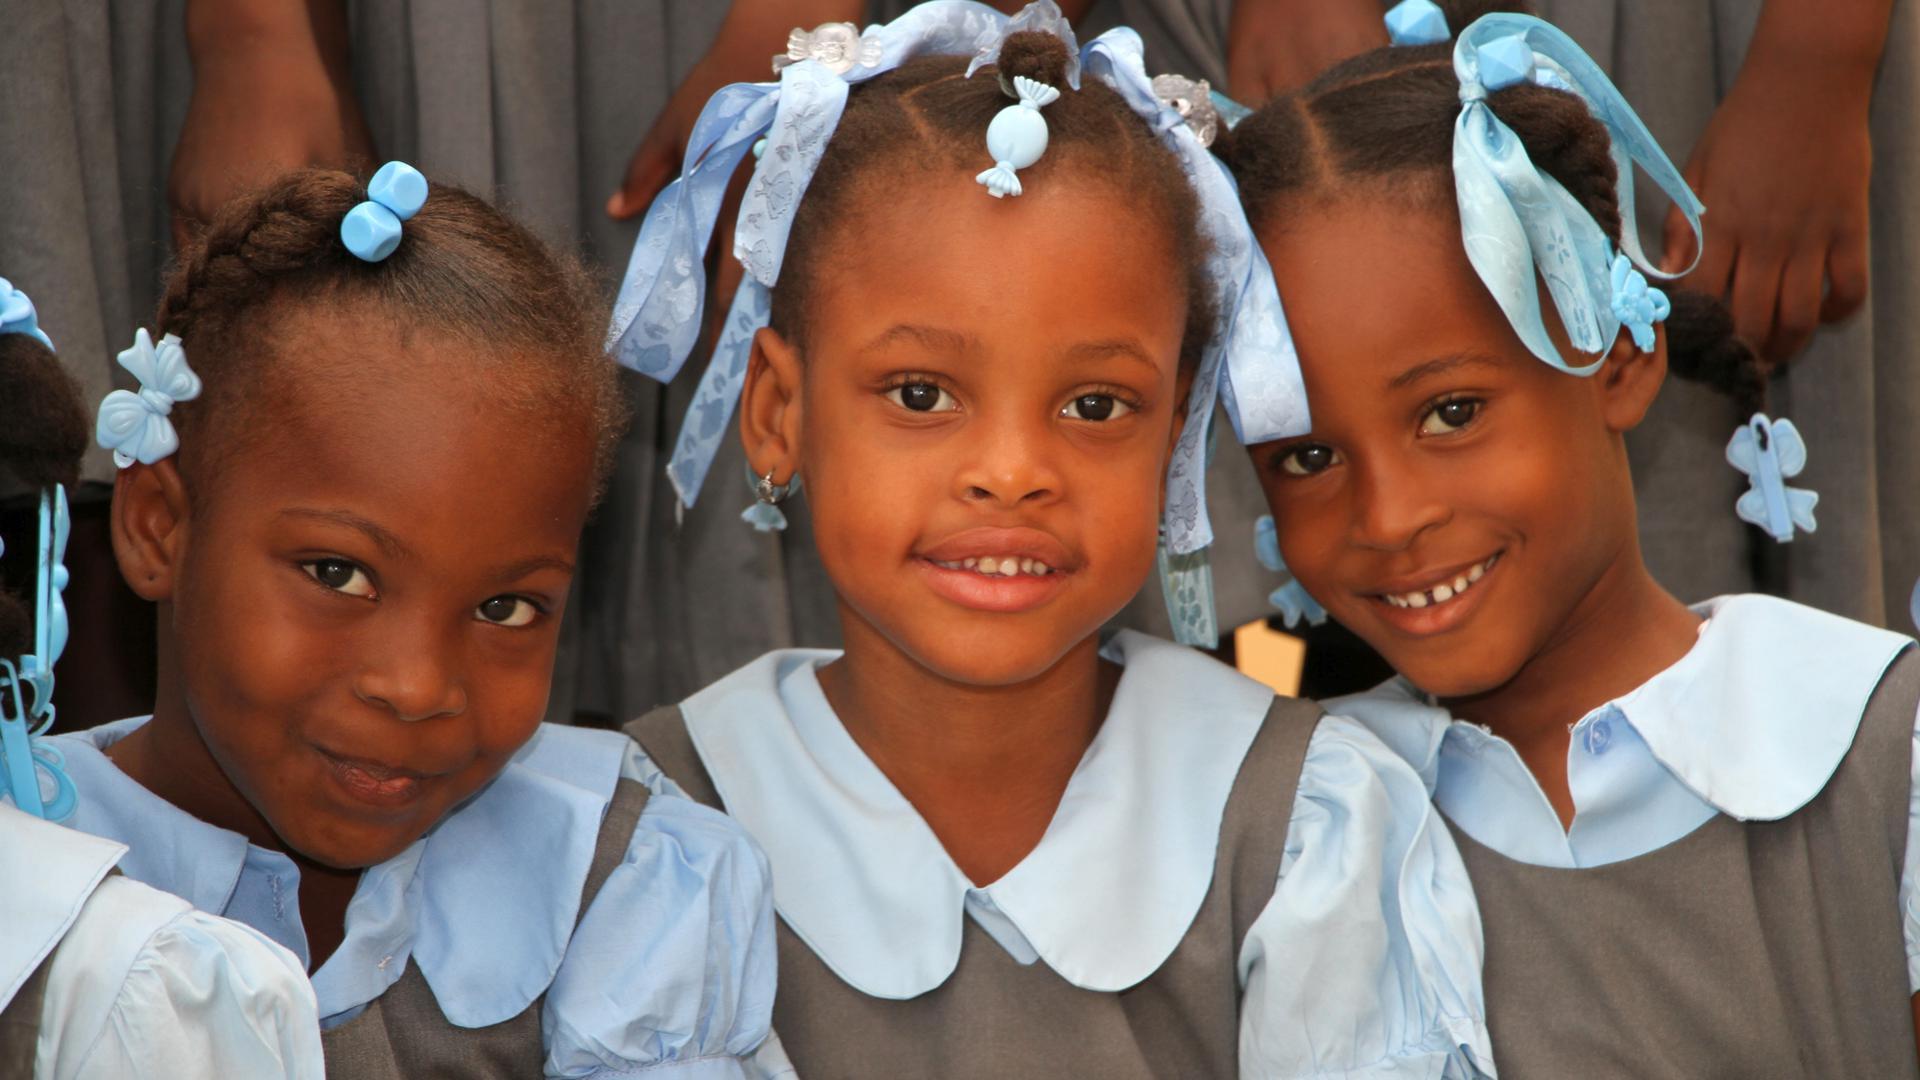 Um den Ausbau der St. André-Schule in Fond-des-Blancs im Süden Haitis zu bewerkstelligen und damit den Kindern eine ordentliche Schulbildung zu ermöglichen, initiiert die nph Kinderhilfe eine Charity-Auktion.